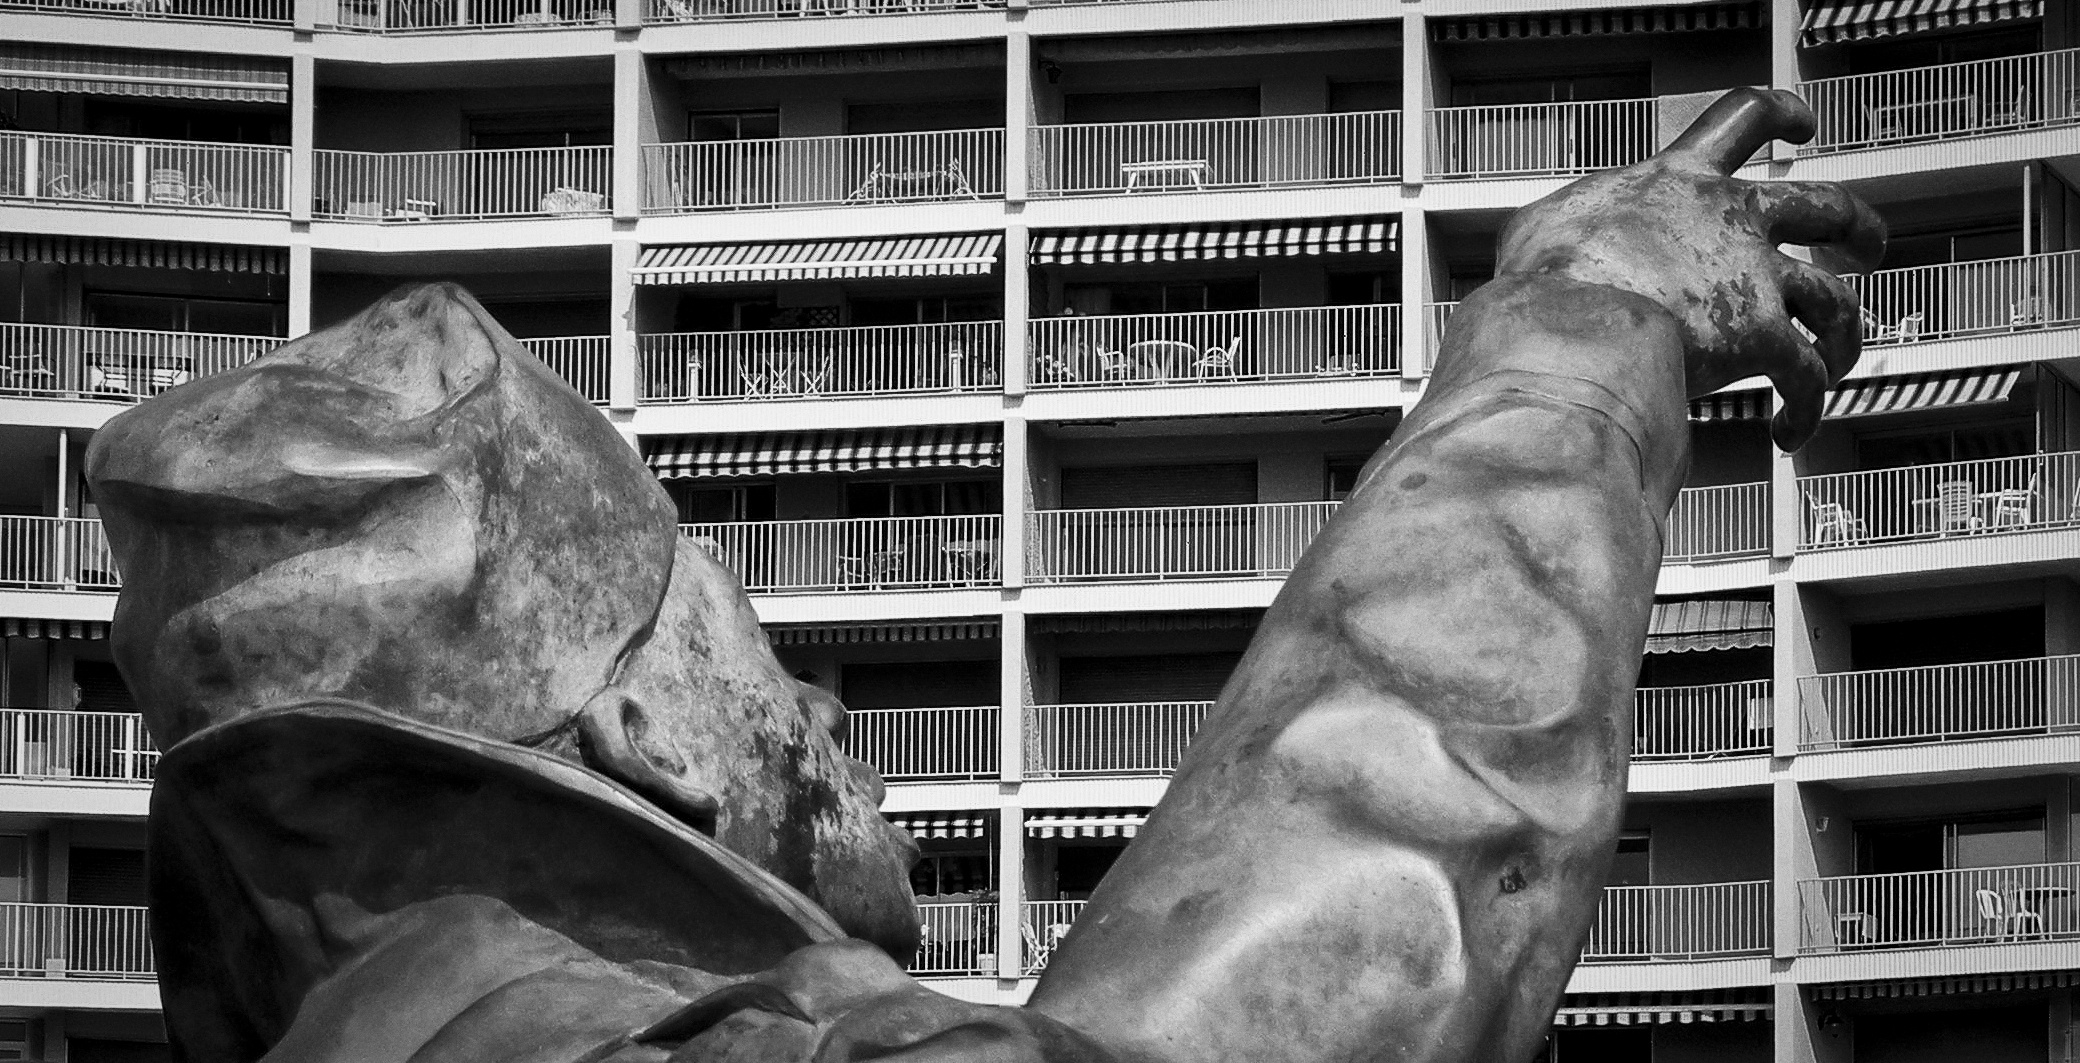 Denkmal für Fassadenkletterer?